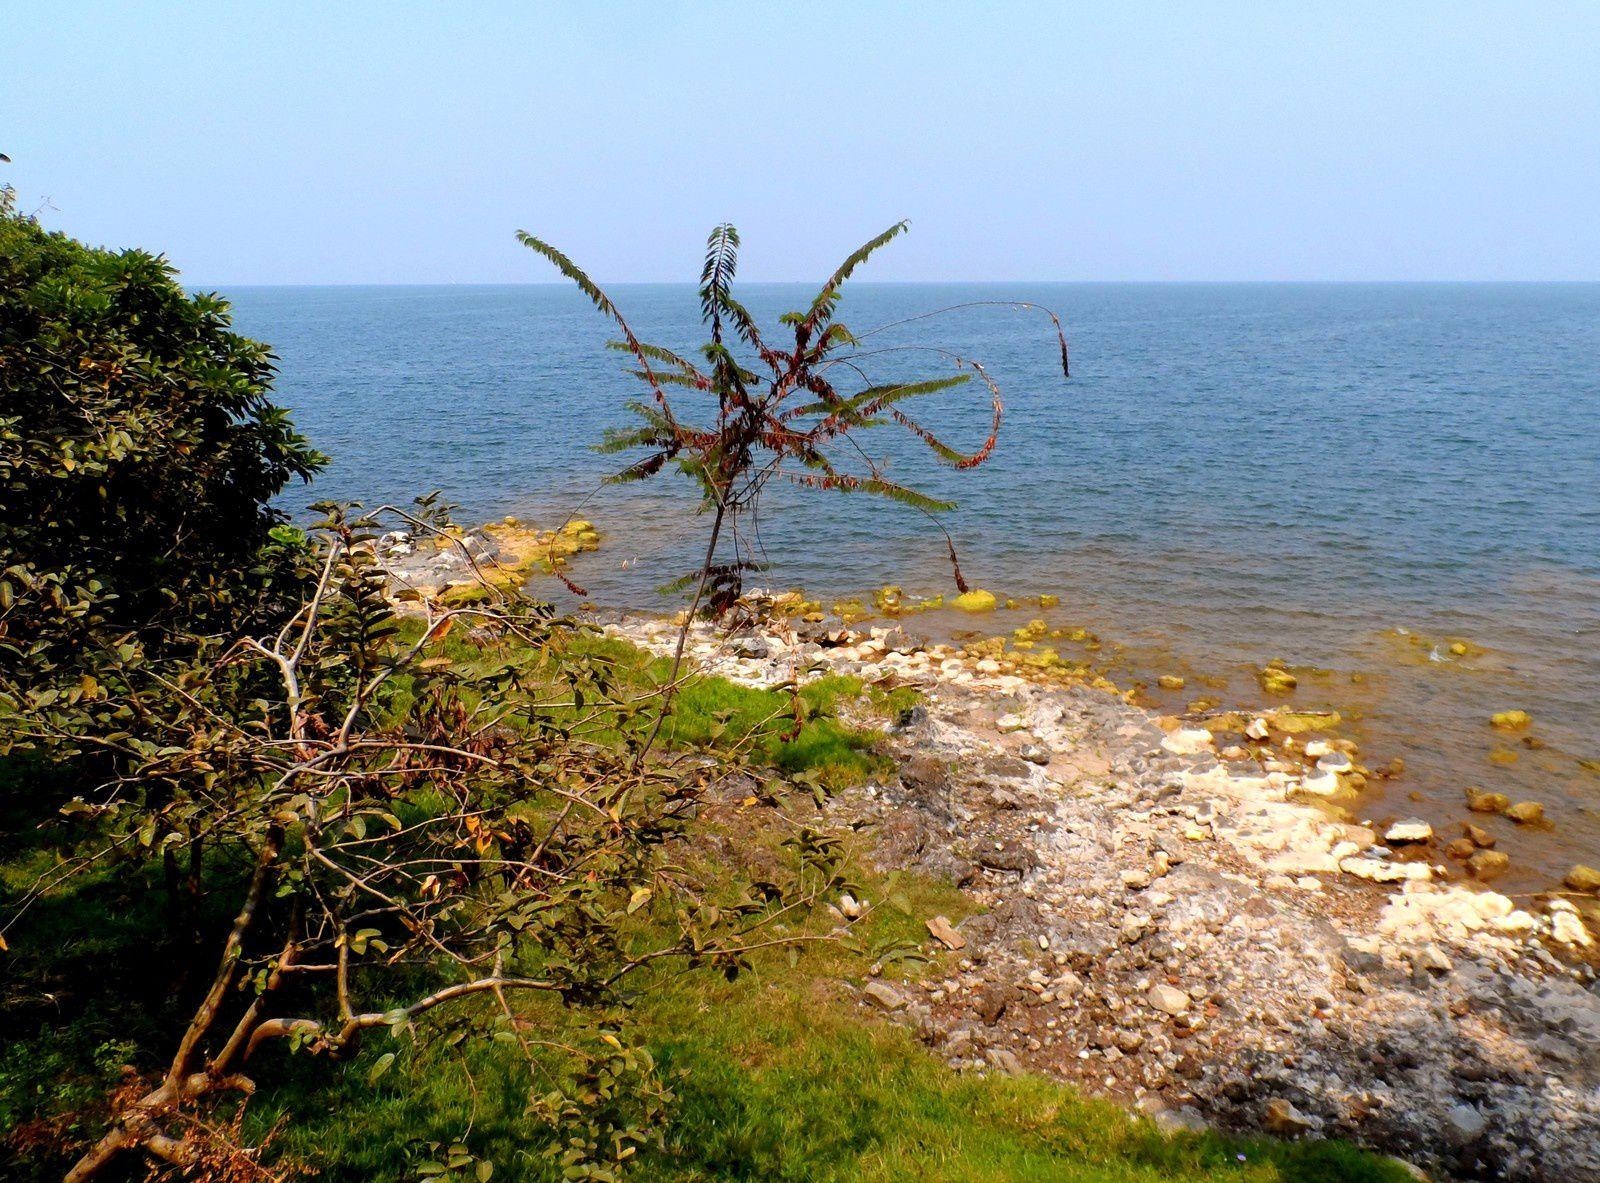 Gisenyi et le lac Kivu : une autre image de l'Afrique